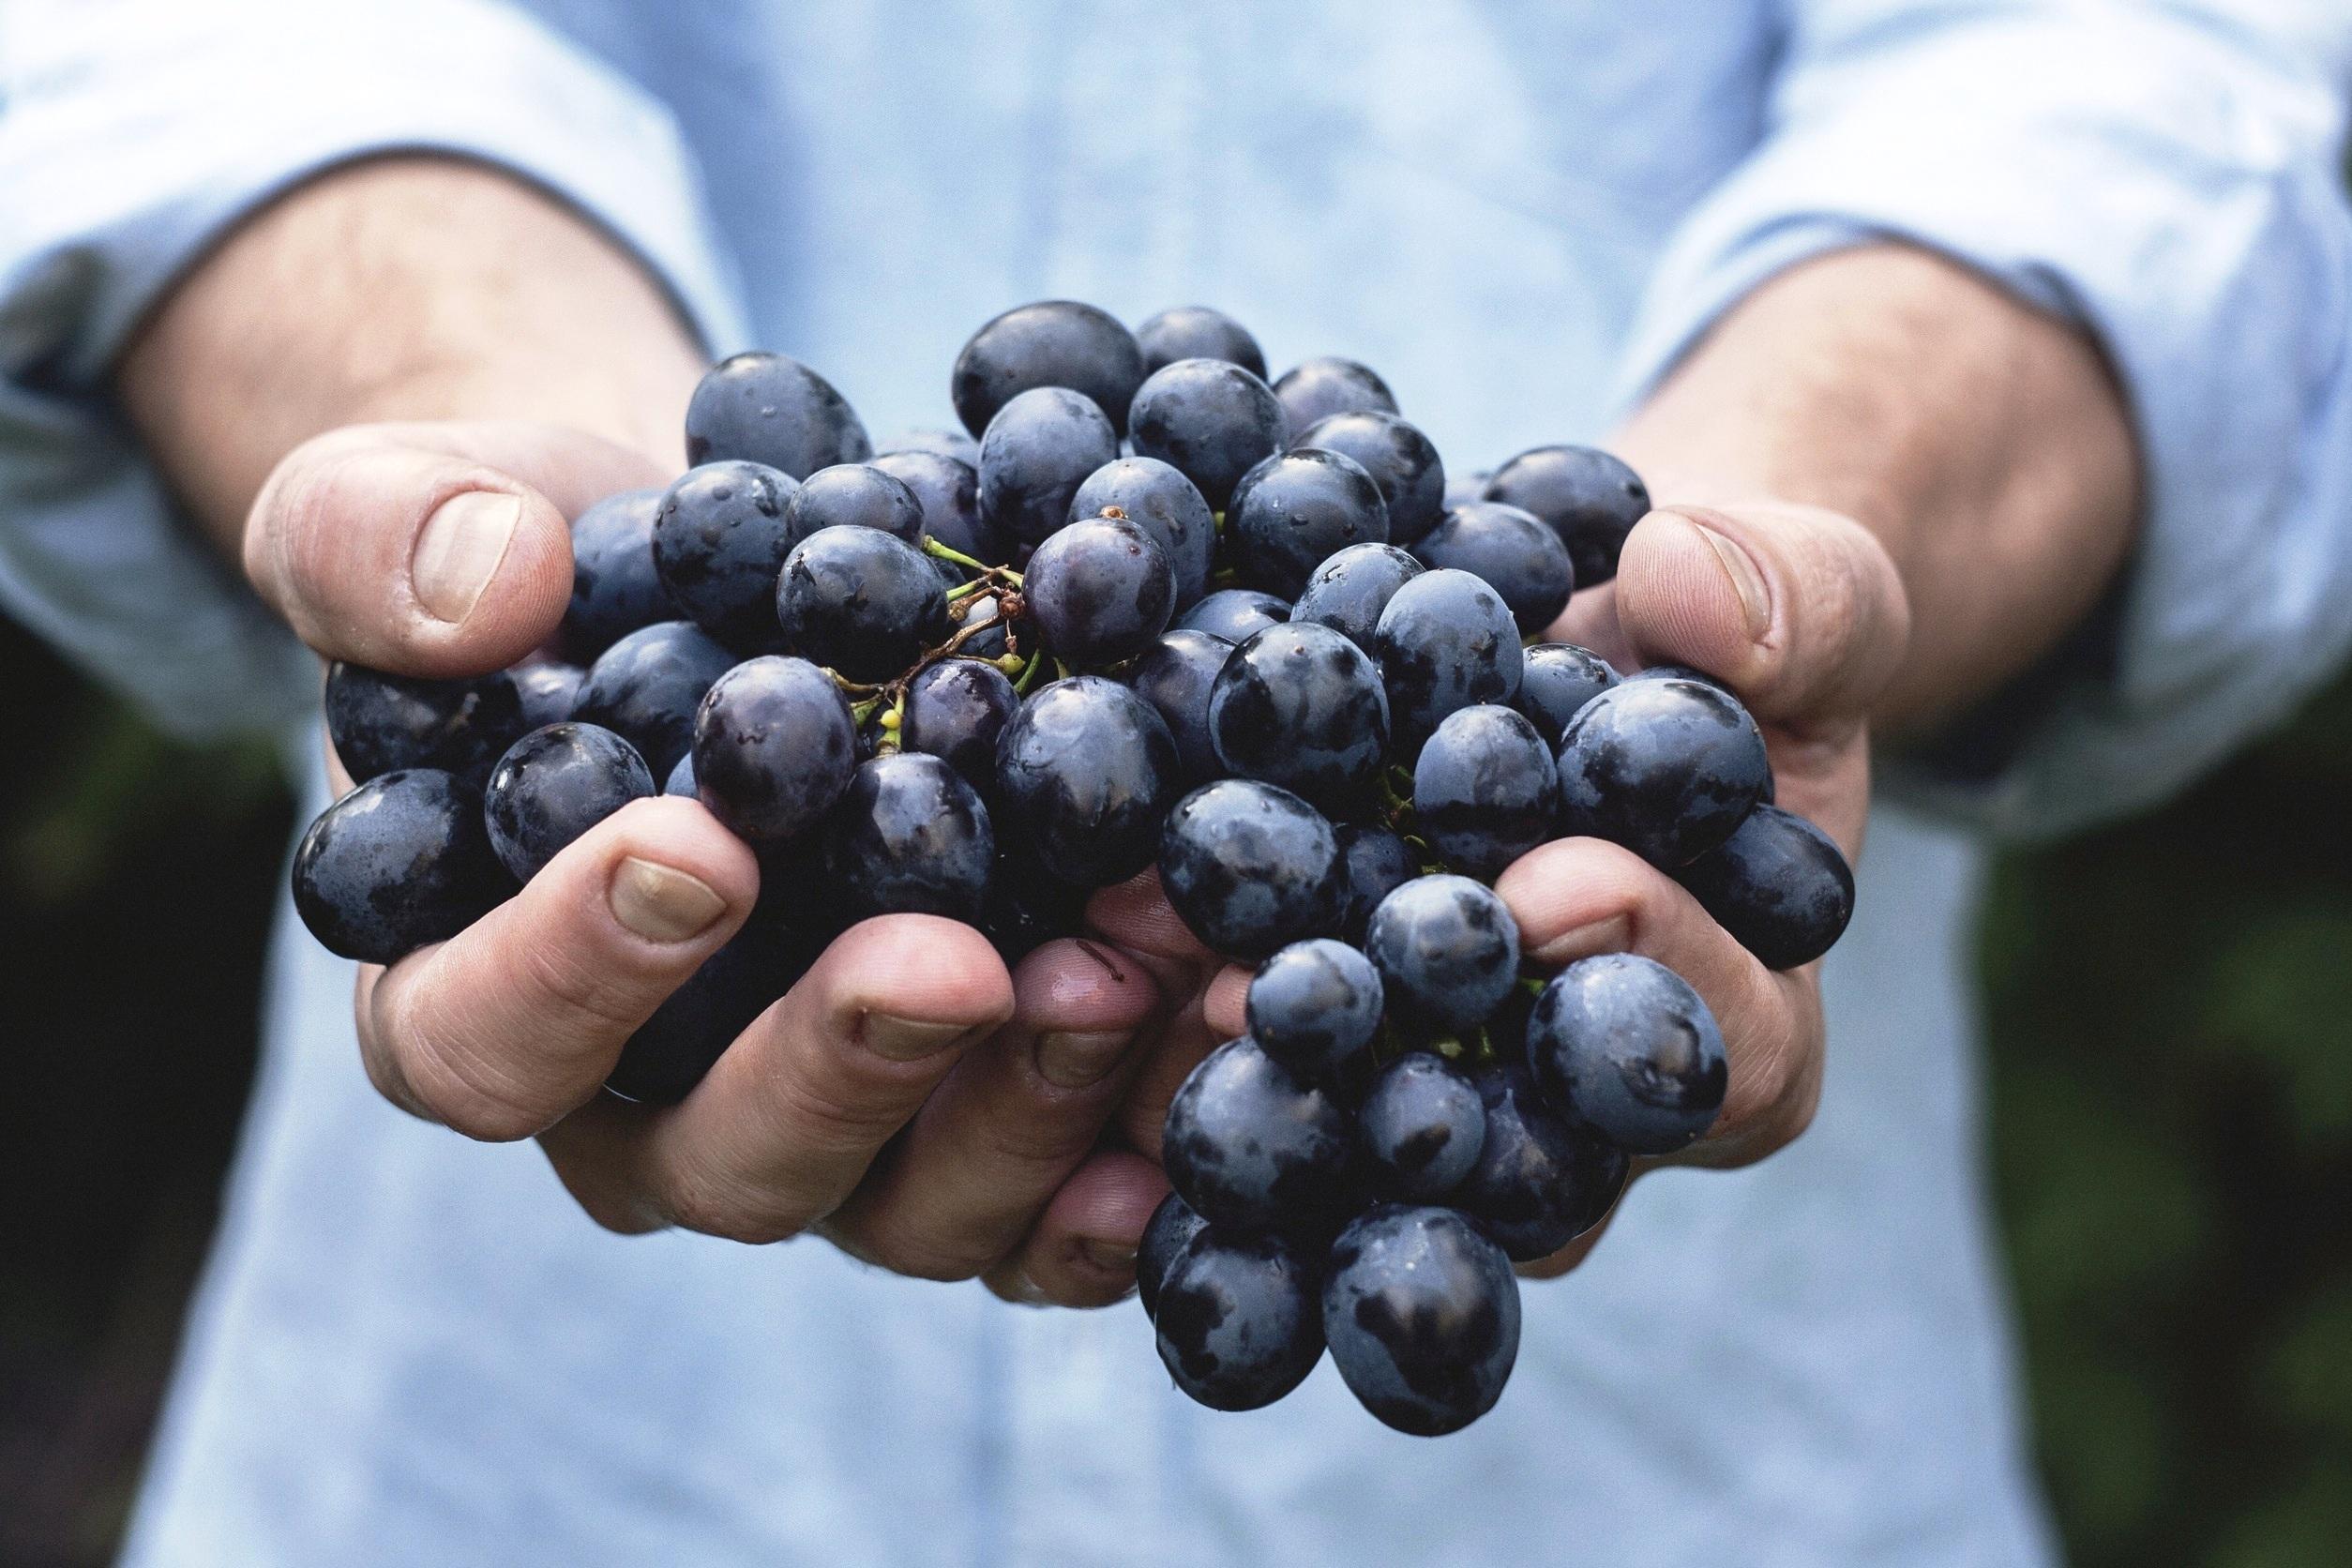 A Quercus faz-lhe uma pergunta: quantos pesticidas já comeu hoje?